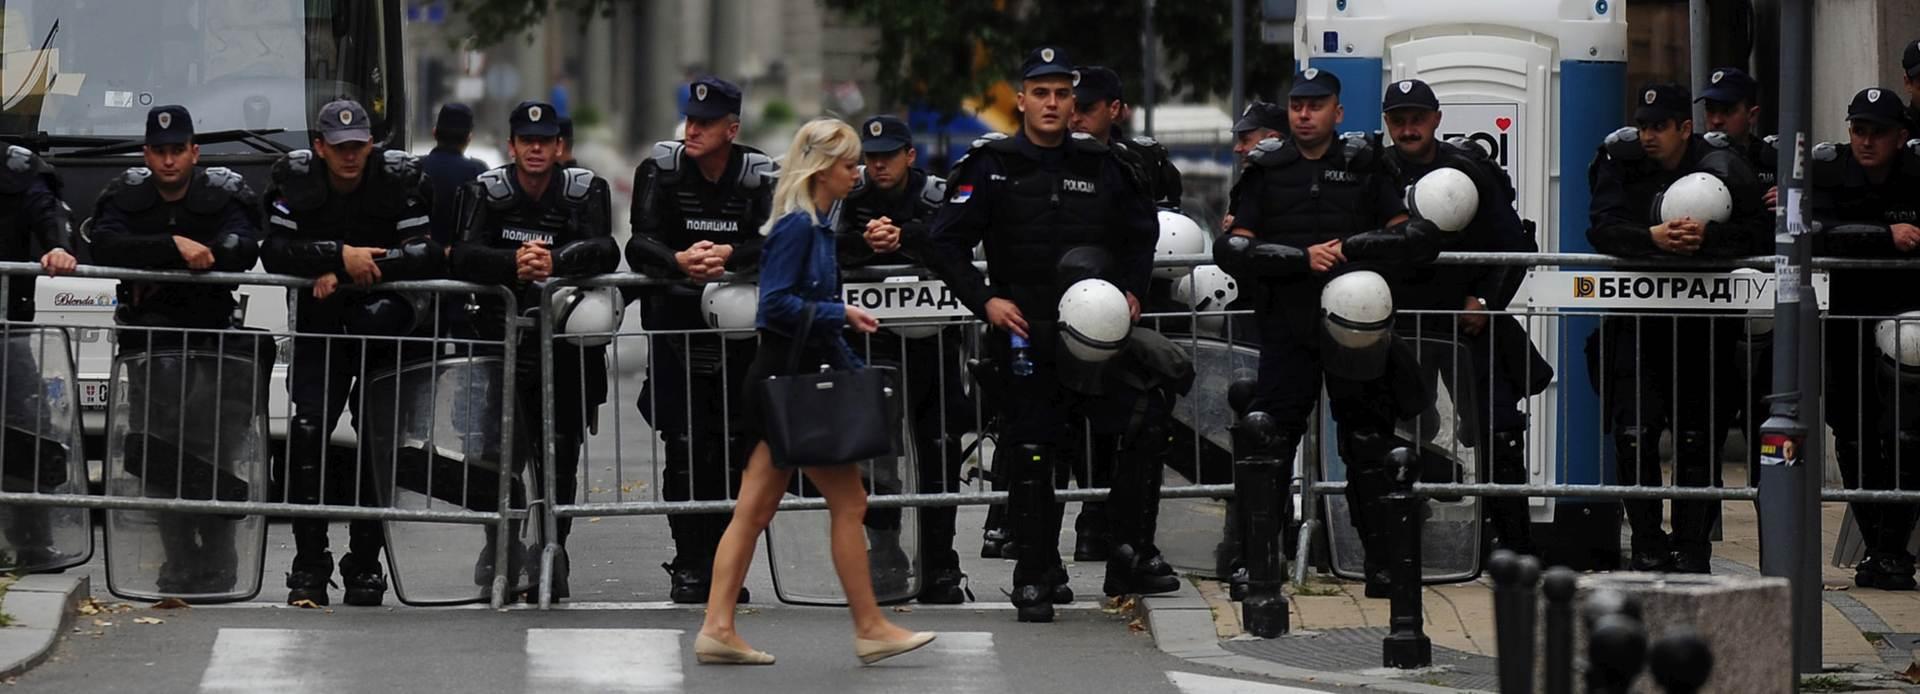 Policija u Beogradu zaplijenila velike količine droge i oružja i uhitila 18 osoba